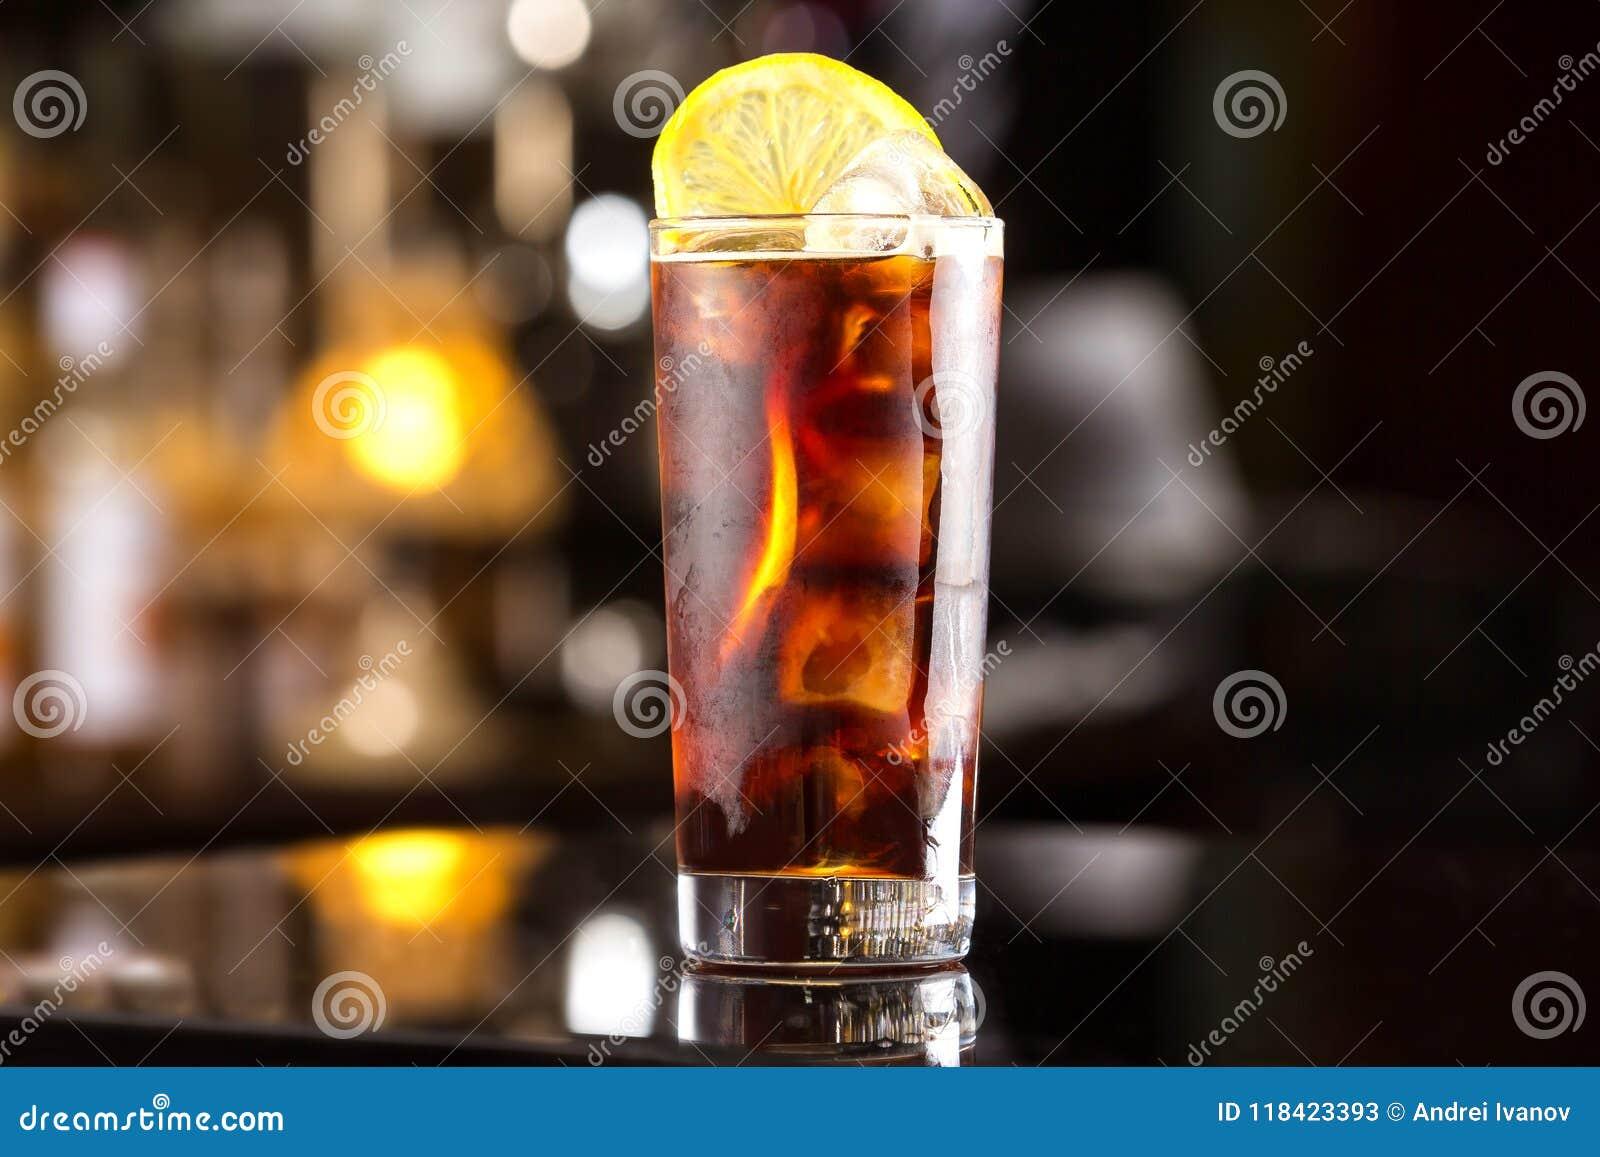 与冰块和柠檬的兰姆酒可乐偶然鸡尾酒在欢乐酒吧